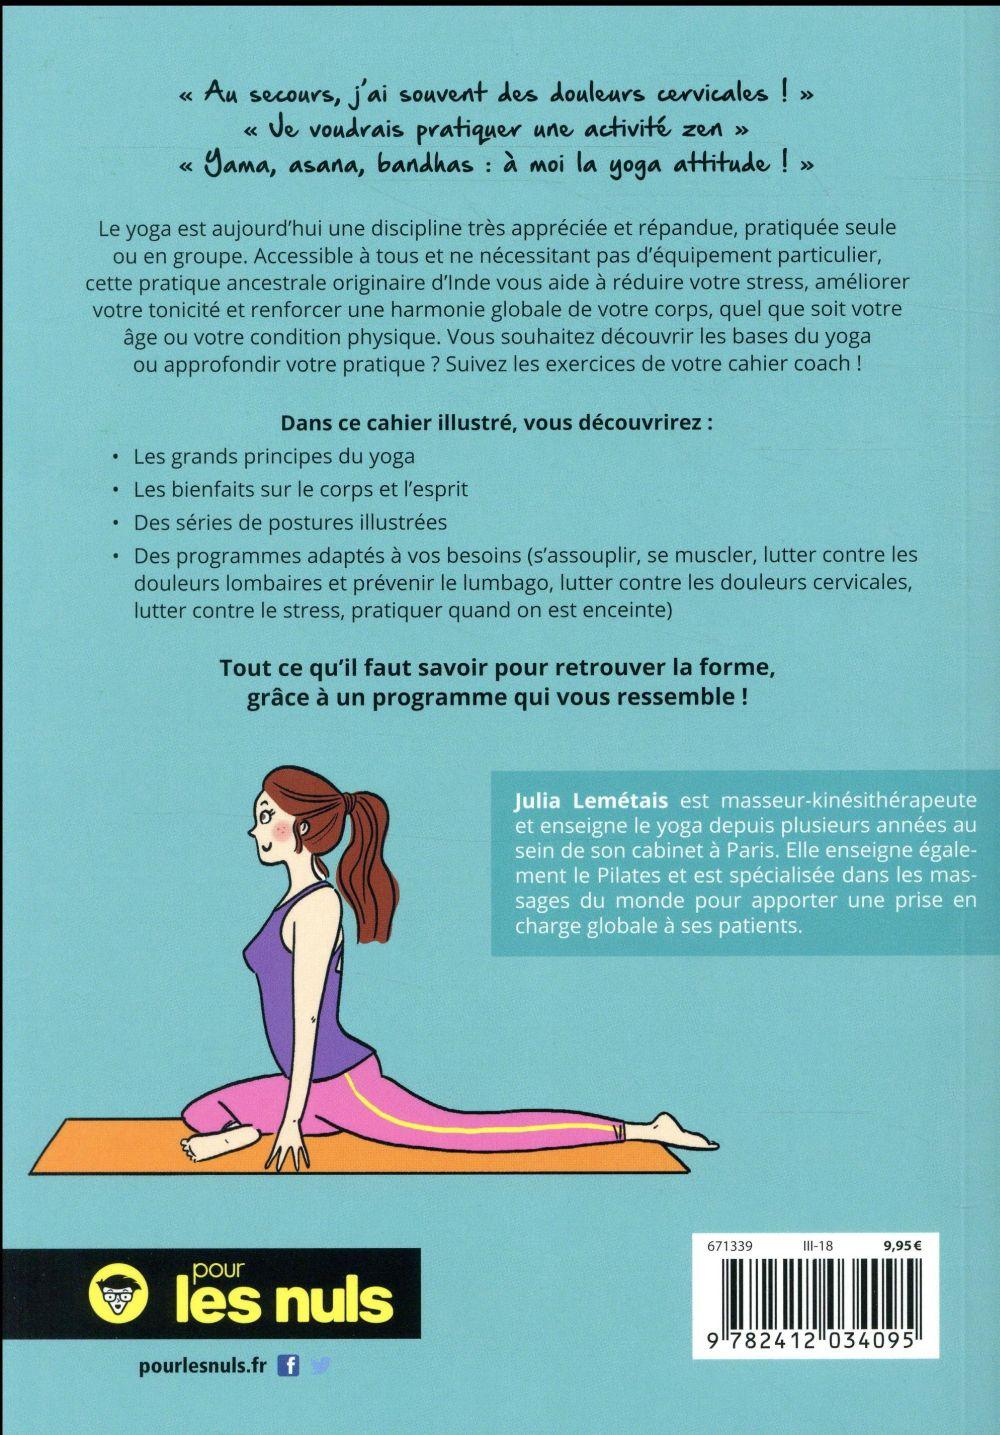 Le cahier yoga pour les nuls